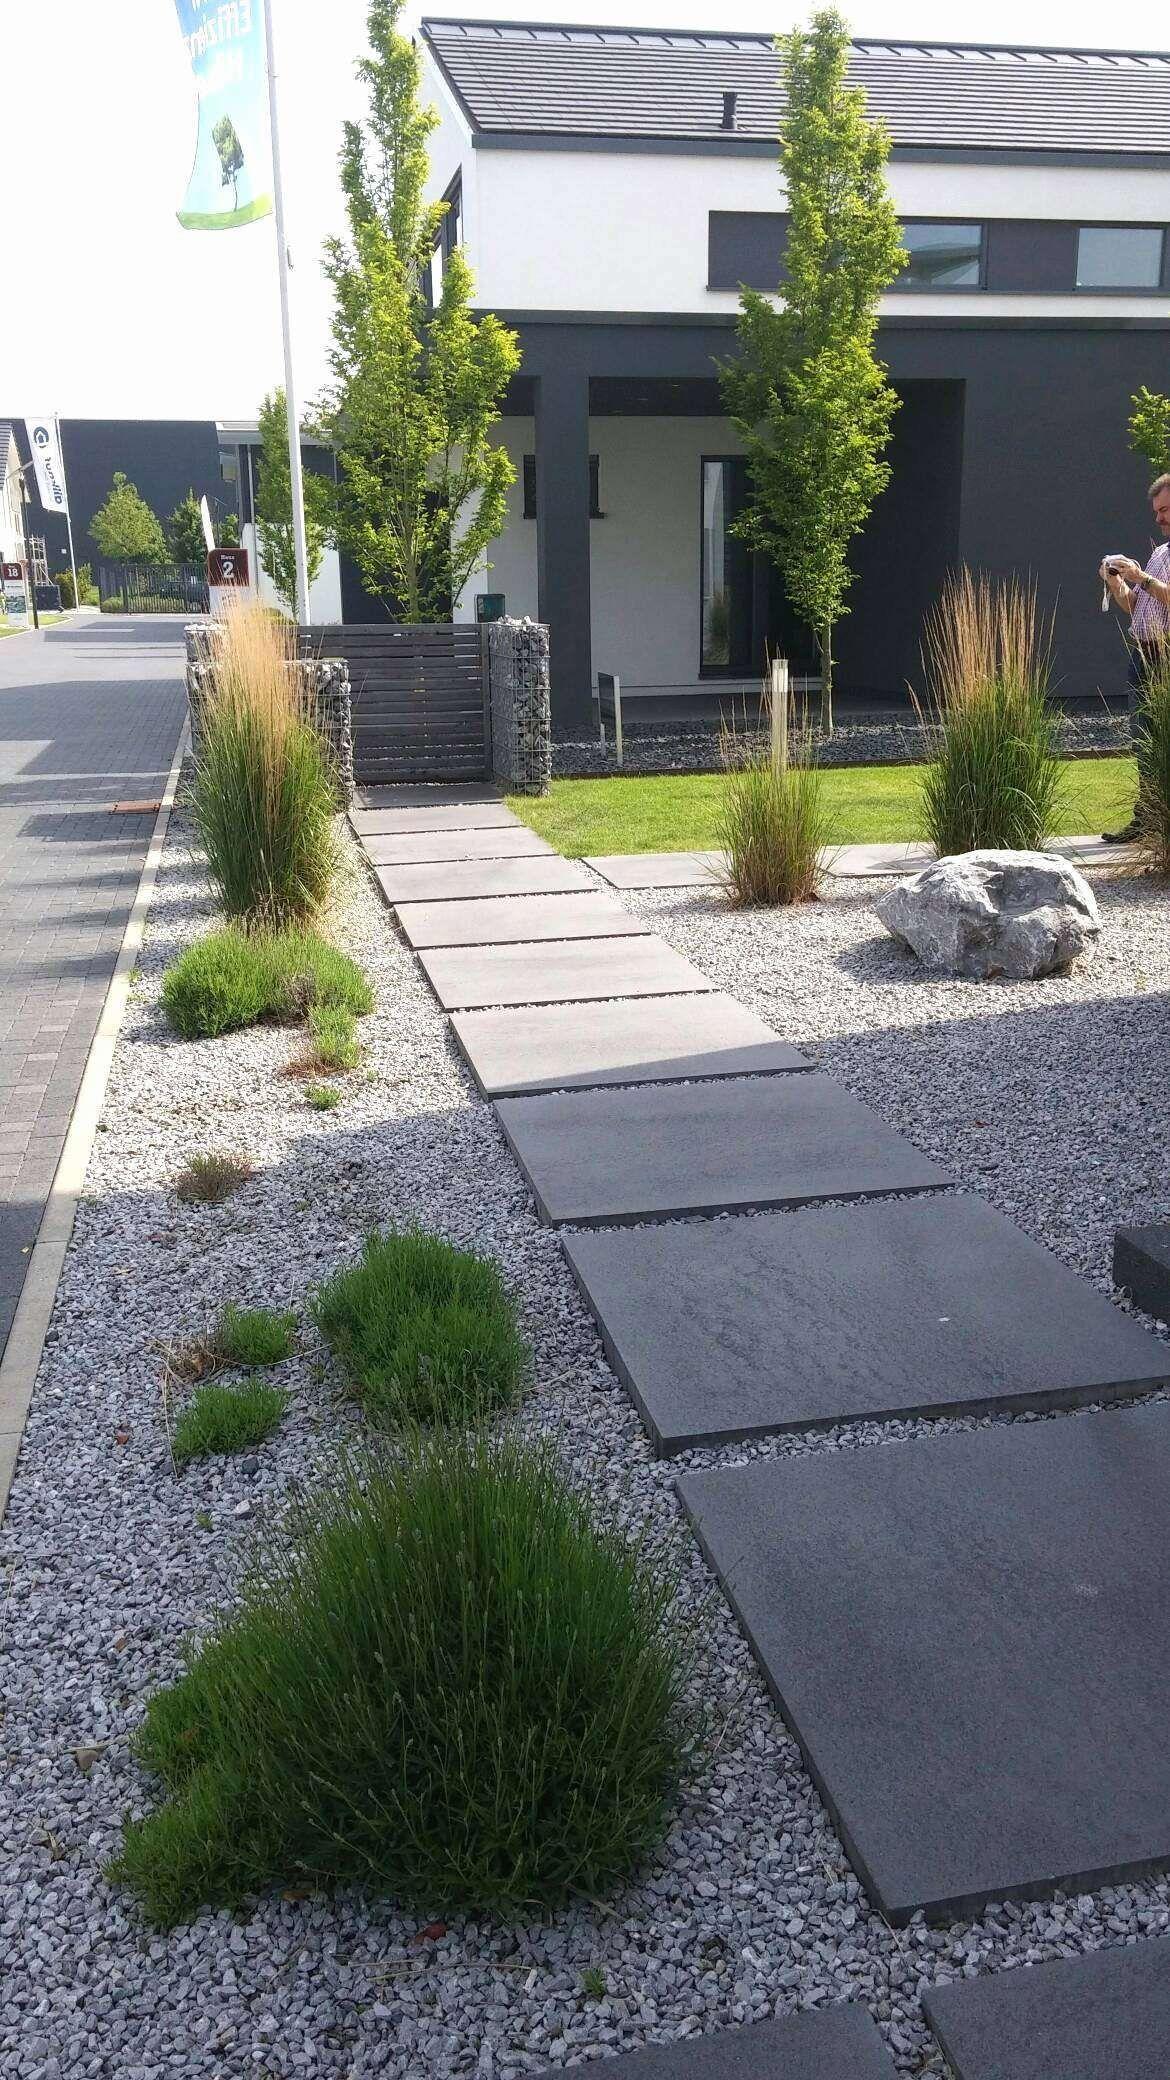 Terrasse Neu Gestalten Genial Garten Ideas Garten Anlegen Lovely Aussenleuchten Garten 0d